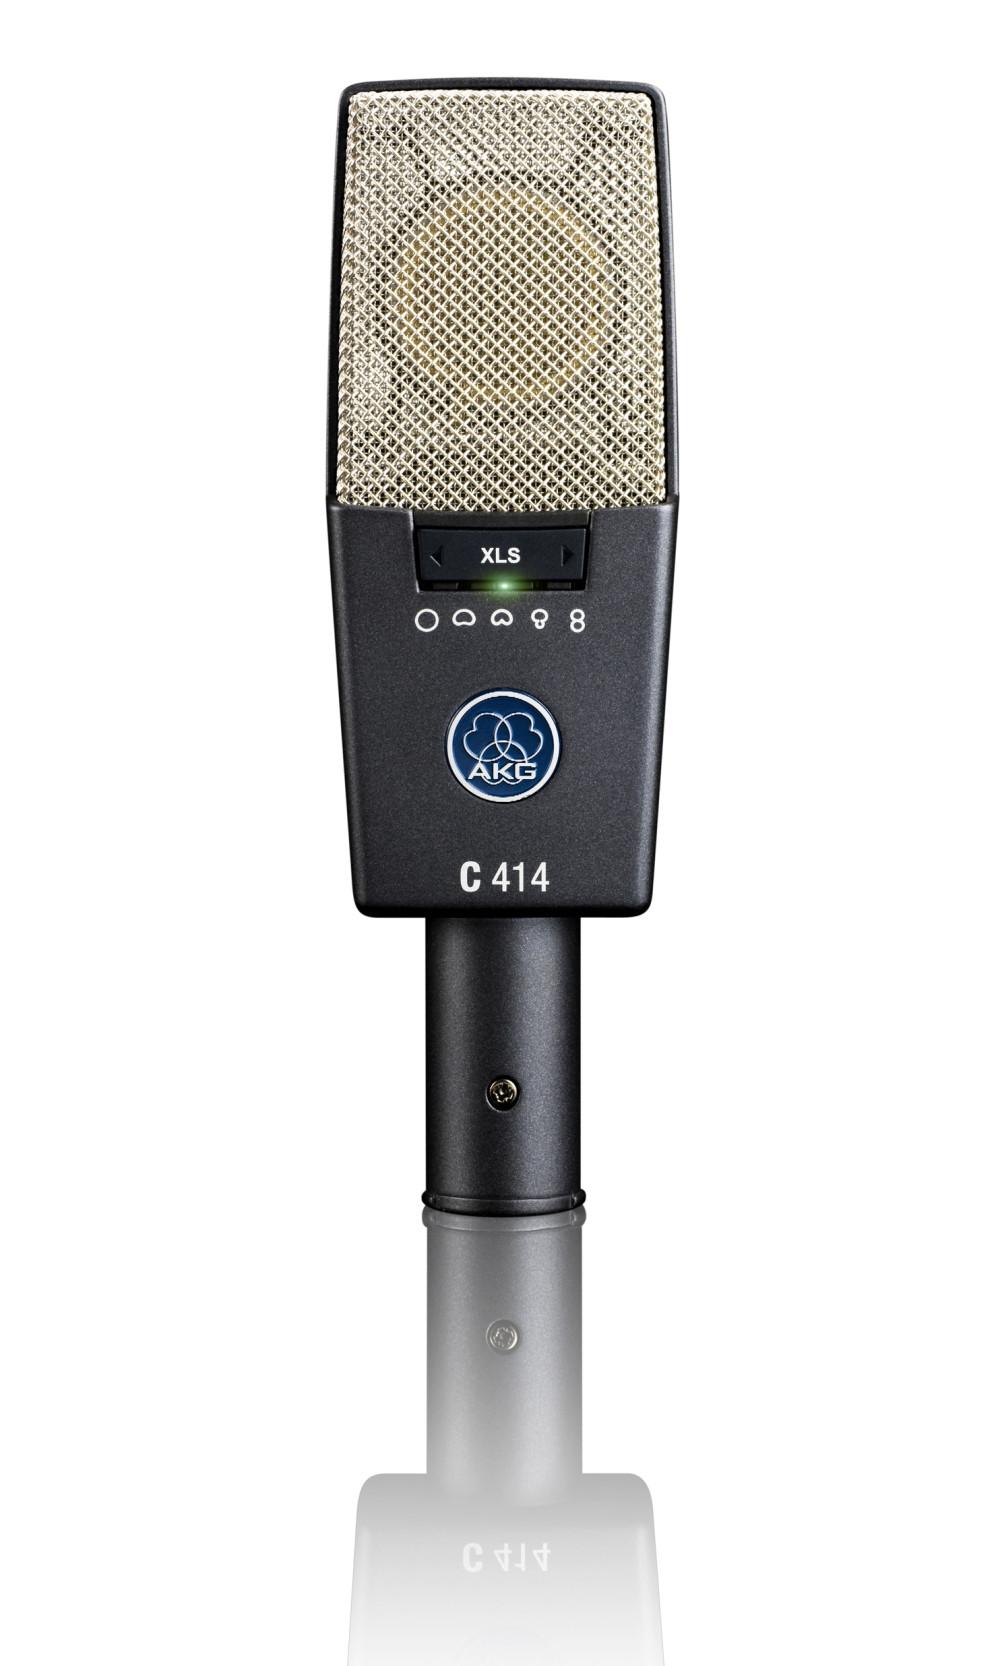 Akg C414 Xls C414 Xls Large Diaphragm Condenser Microphone